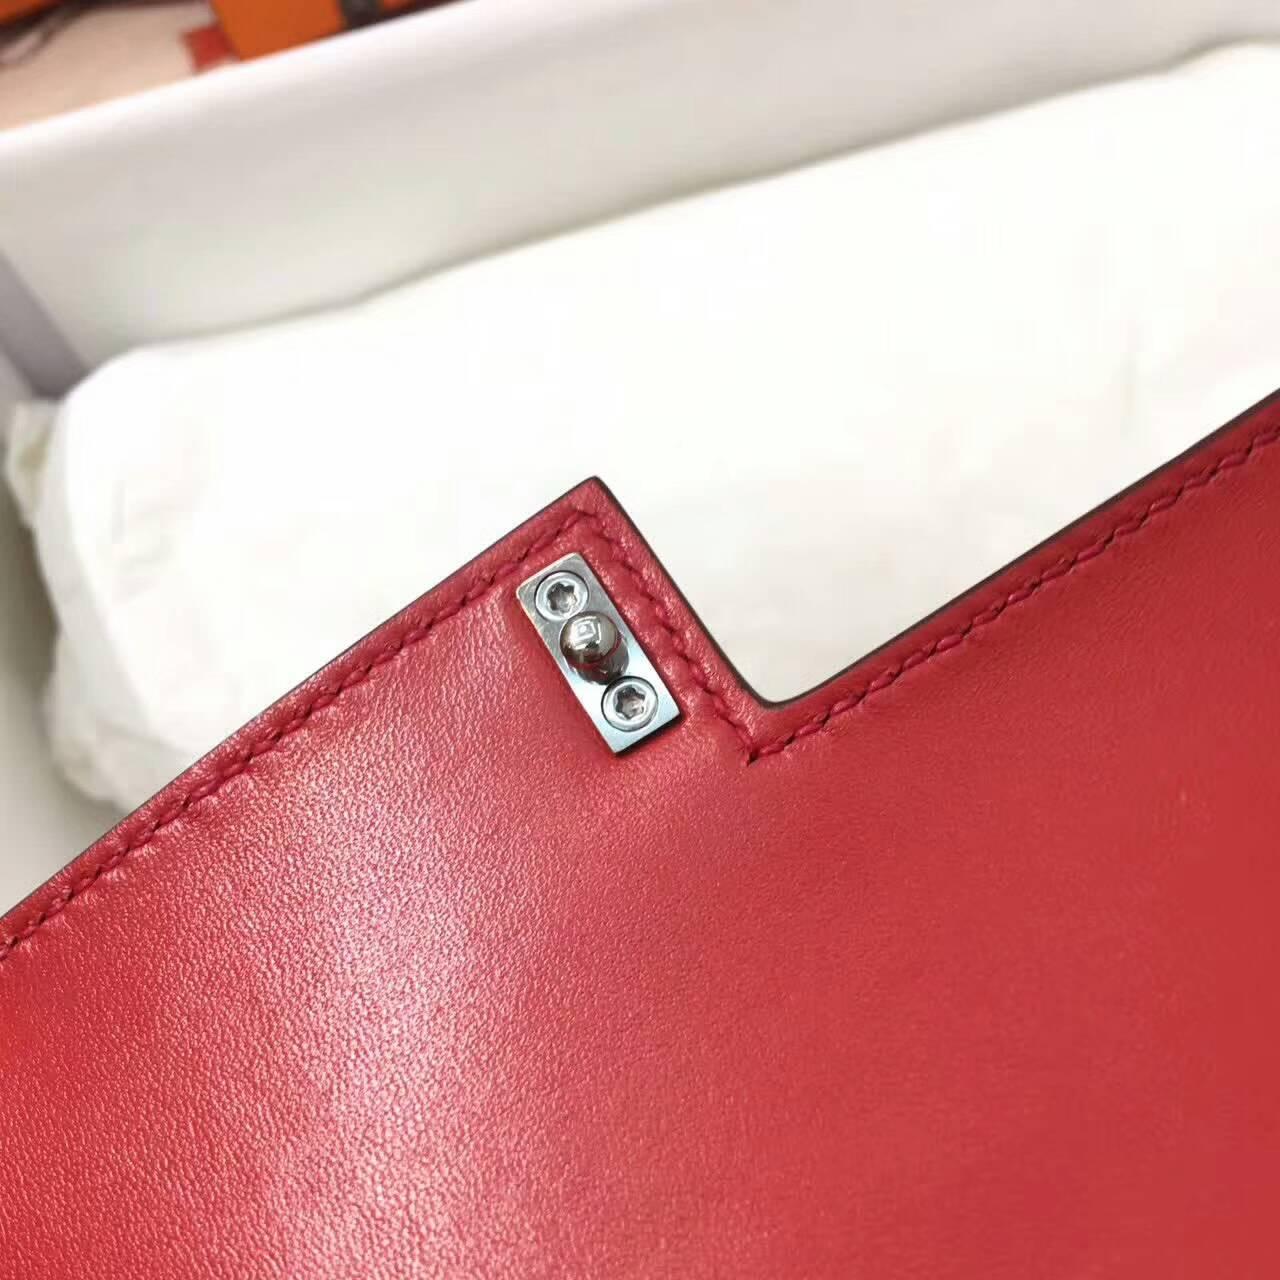 插销包手枪包 爱马仕全球同步发售 Verrou 17cm Chevre Mysore 法国原产山羊皮 Q5 Rouge Casaqbe 中国红 银扣